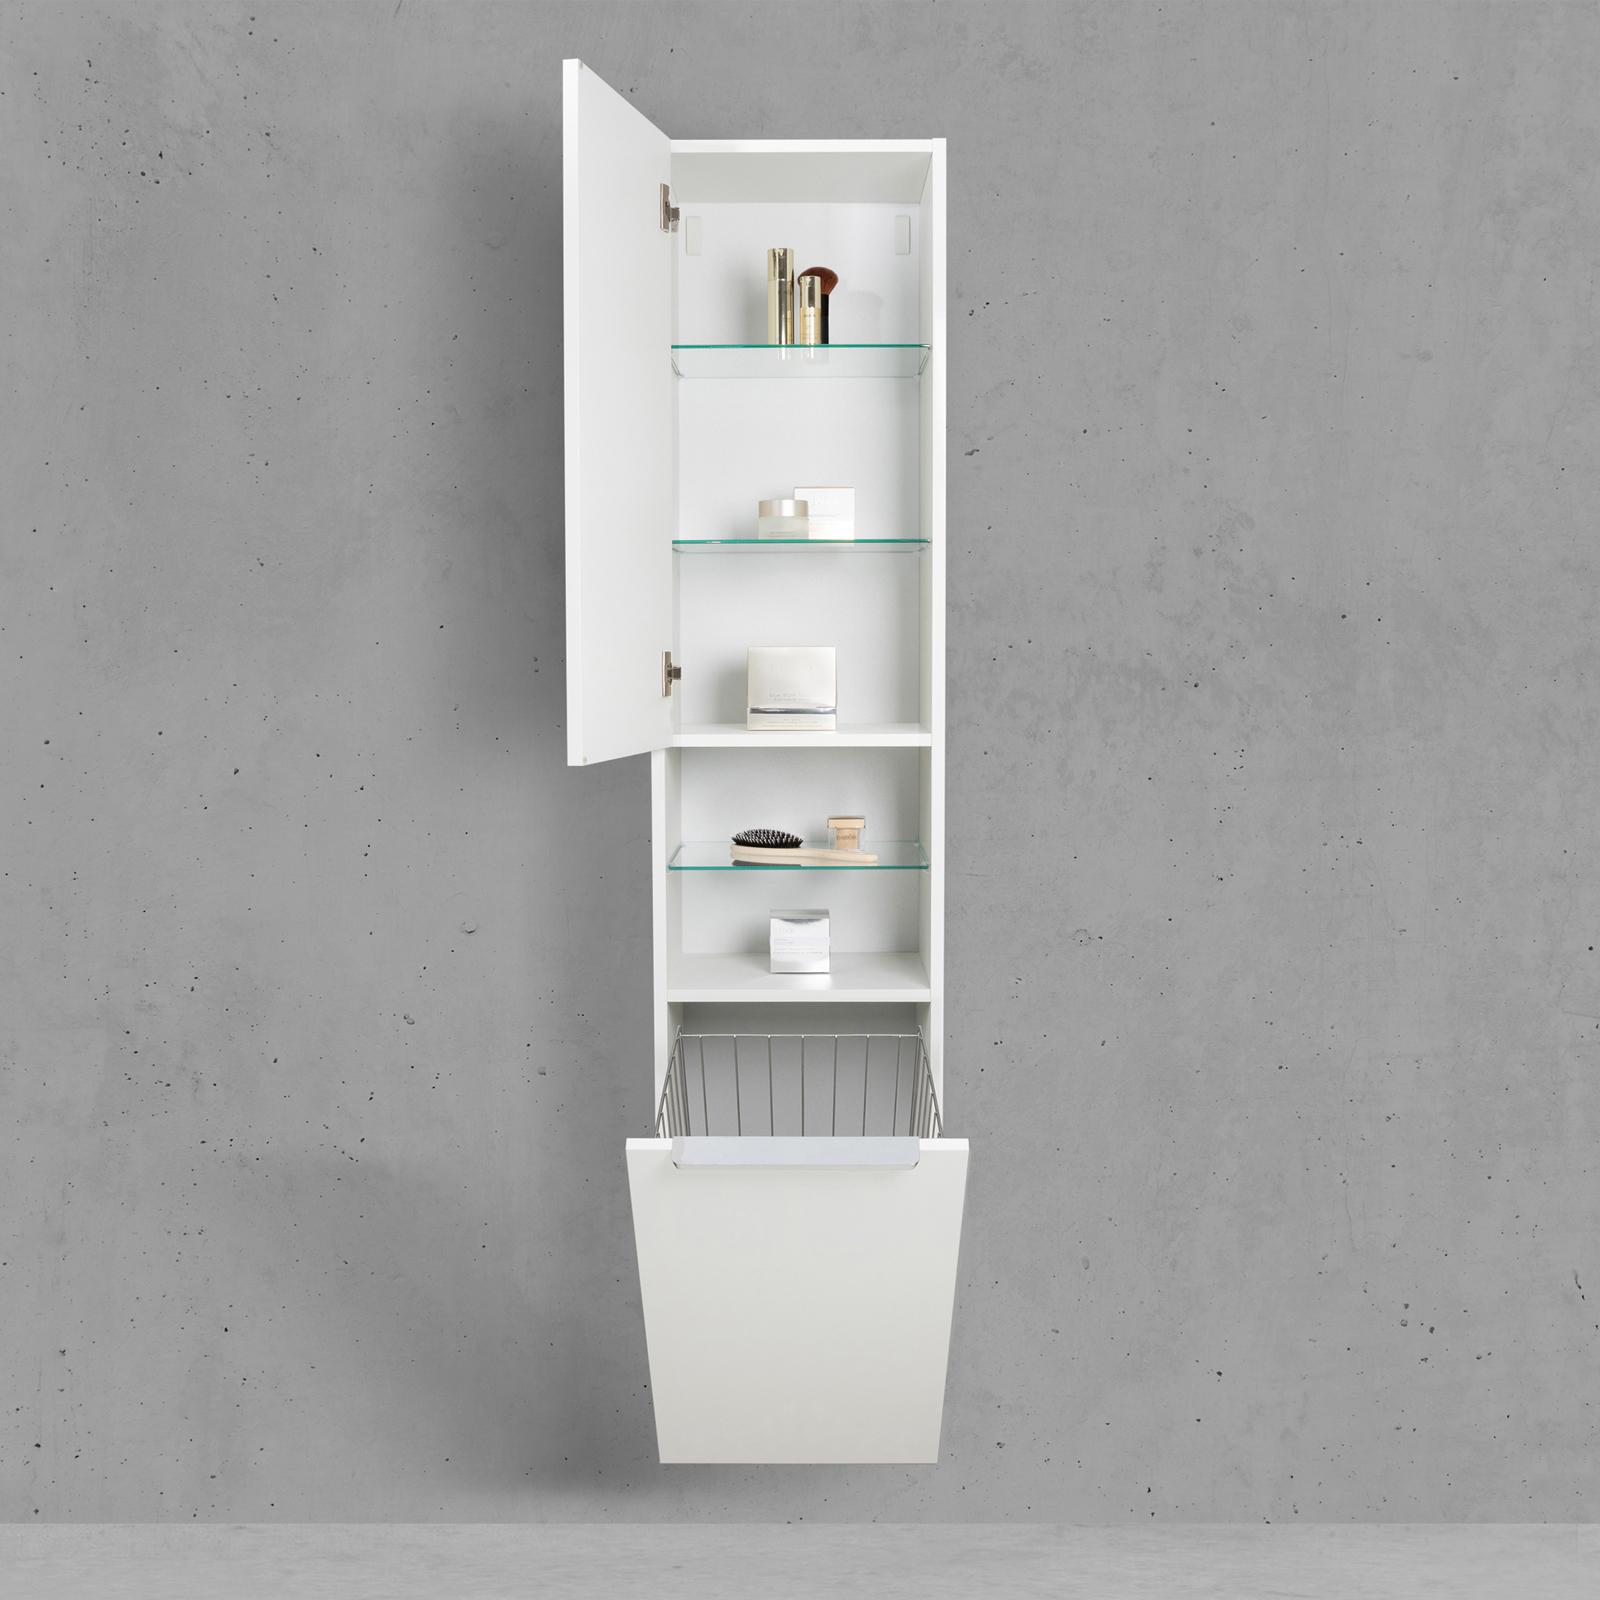 Bad Hochschrank Mit Wäschekippe Seitenschrank Hbt 176640325cm Weiß Hochglanz Lack